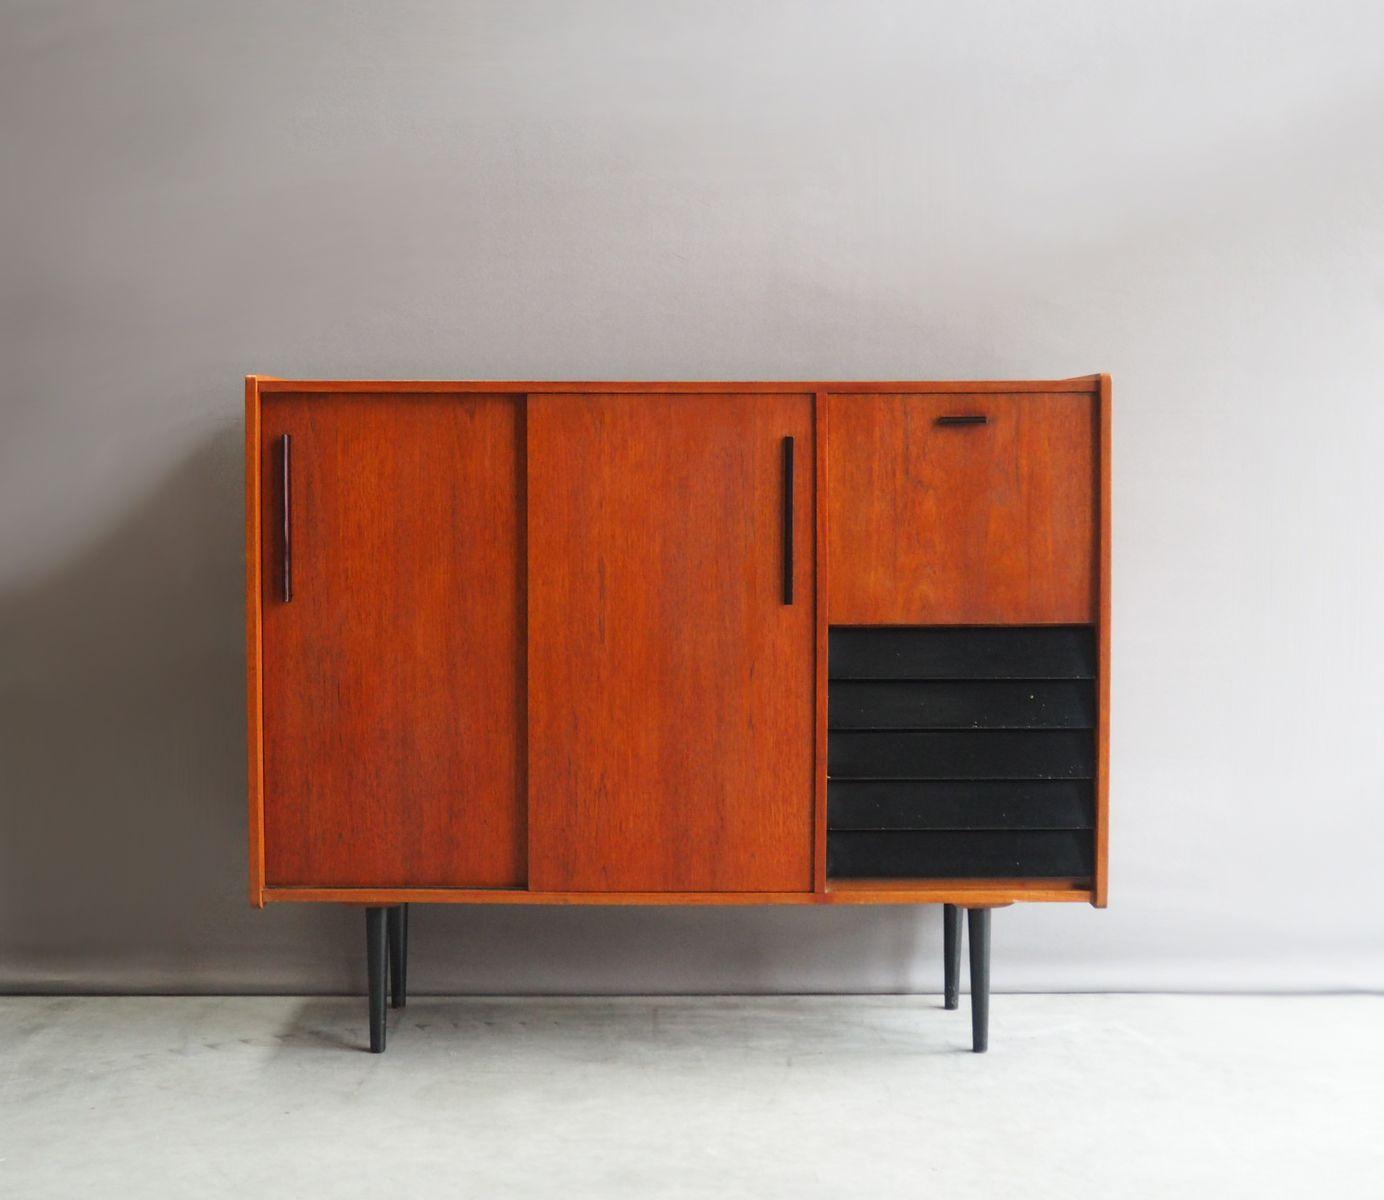 niederl ndisches highboard mit schiebet ren von b sprij 1960er bei pamono kaufen. Black Bedroom Furniture Sets. Home Design Ideas